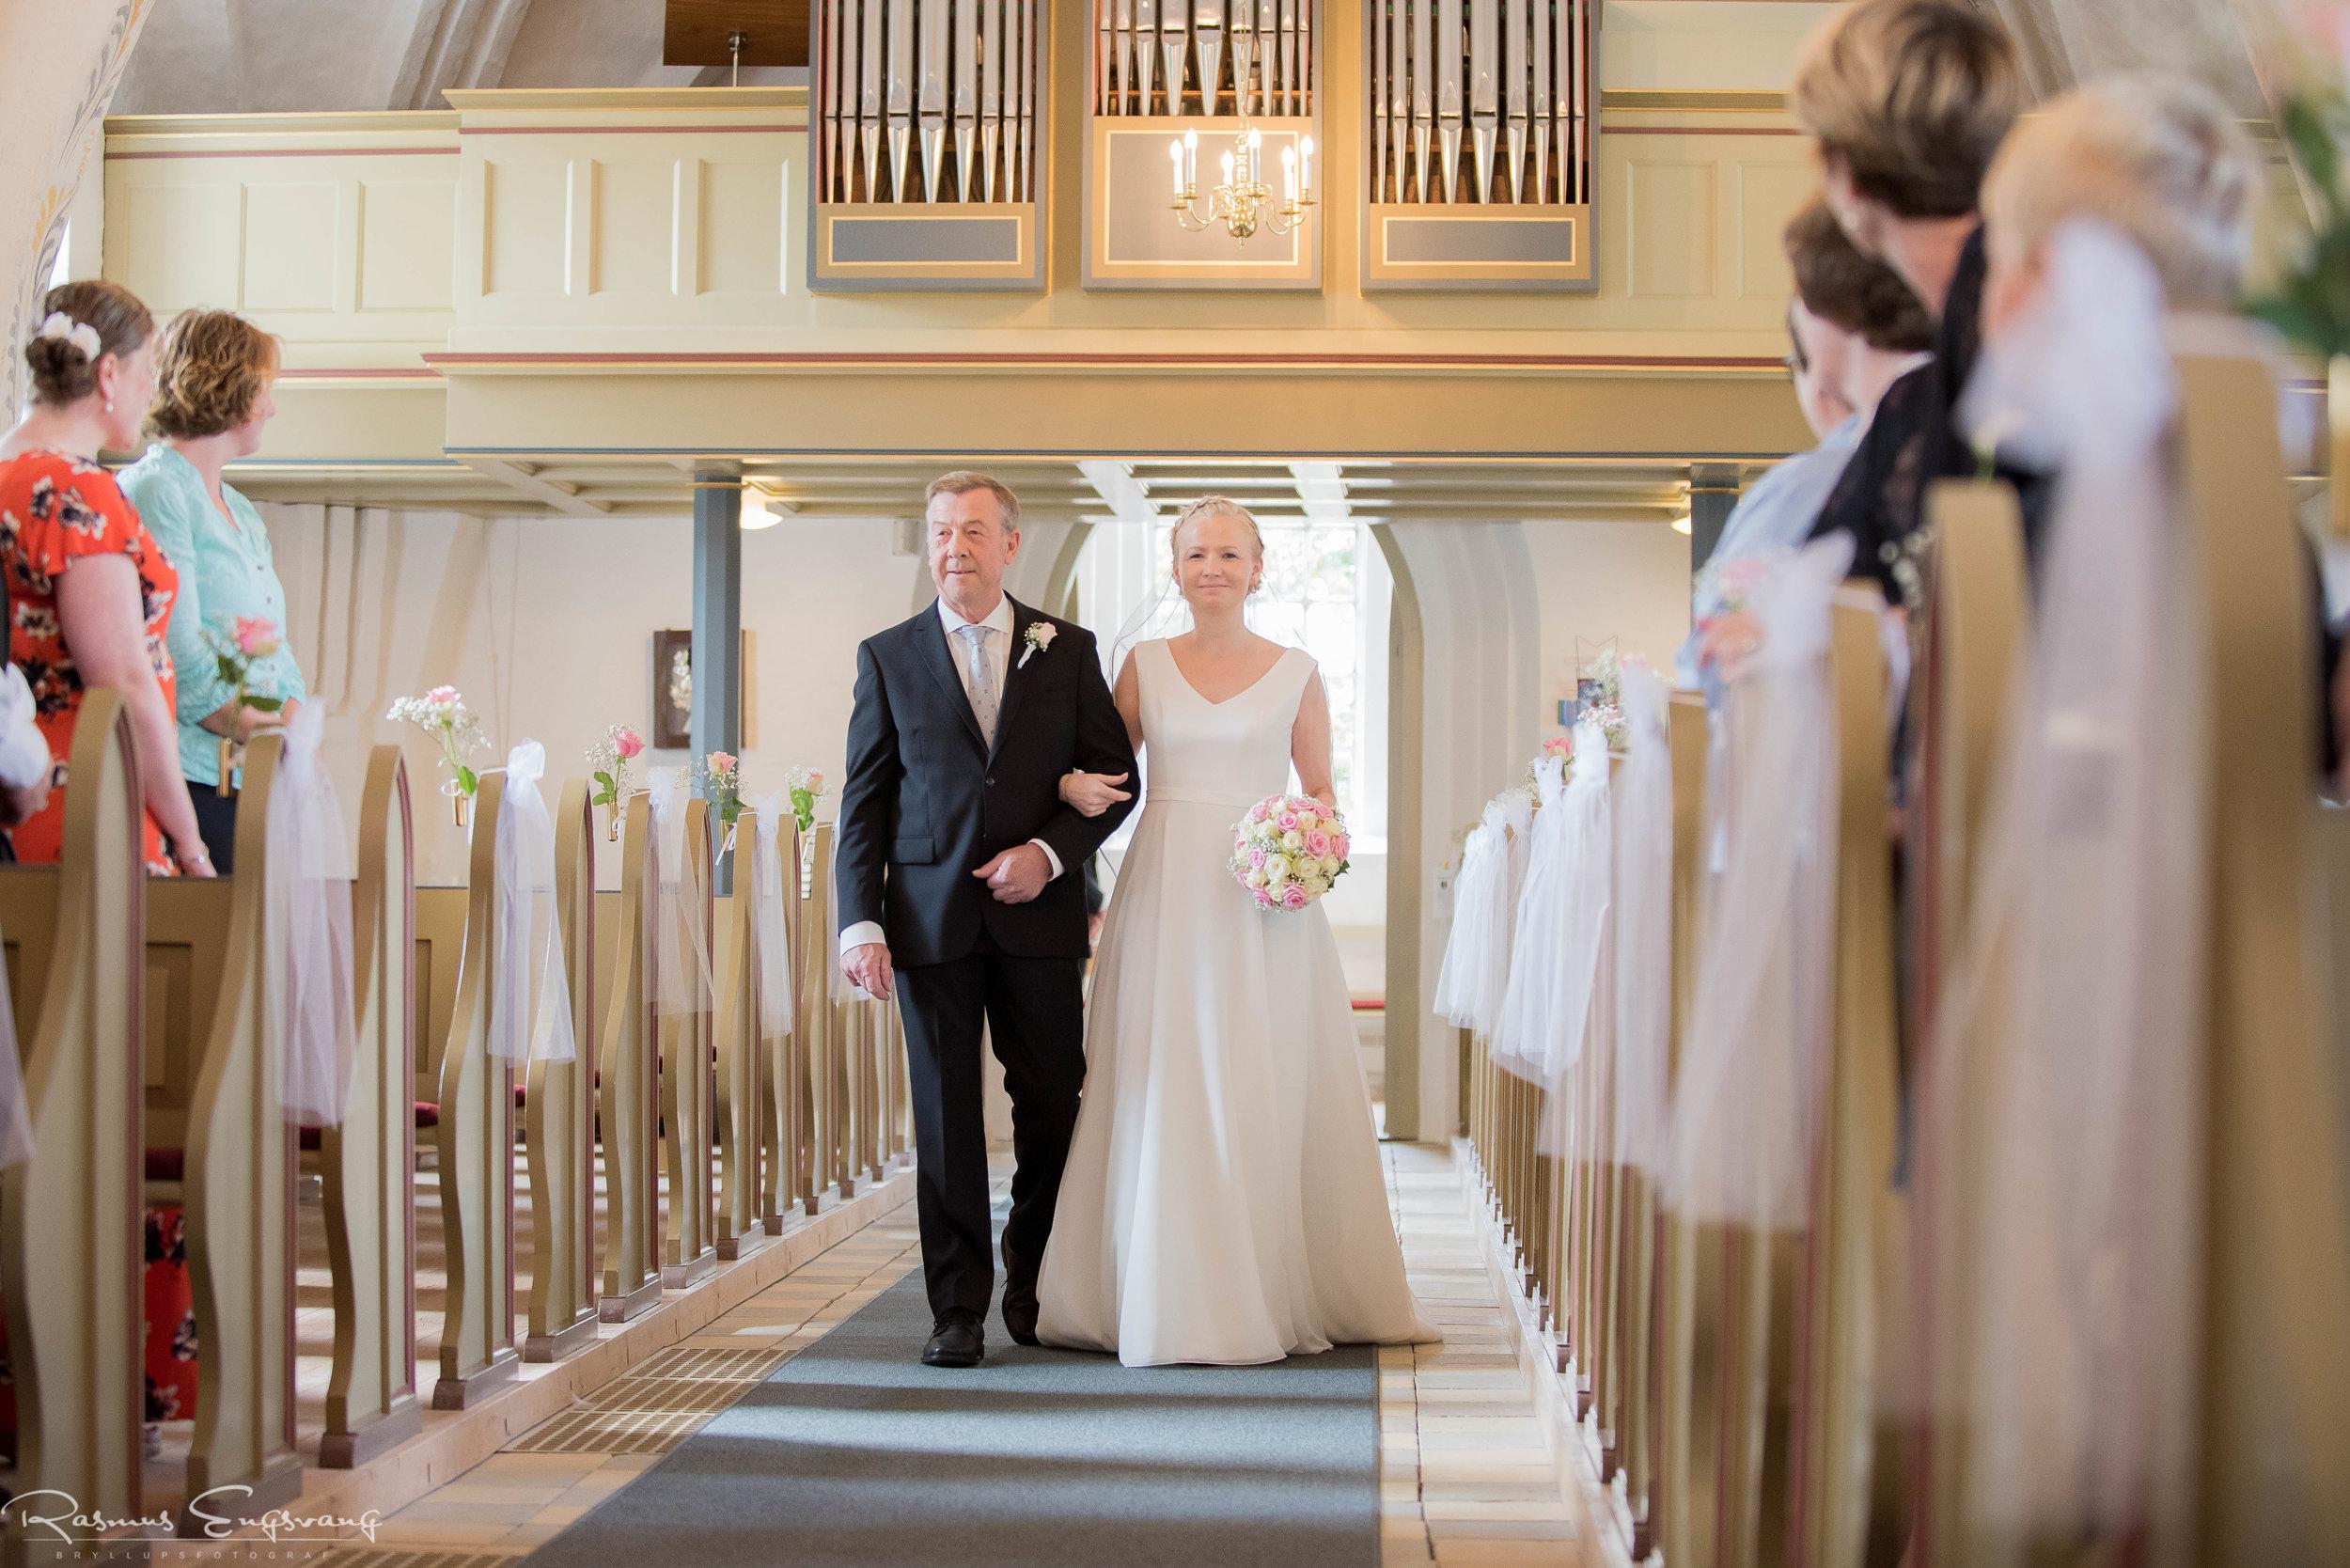 Bryllupsfotograf_Sjælland_Skælskør_Marvede_Fjordbakken-109.jpg